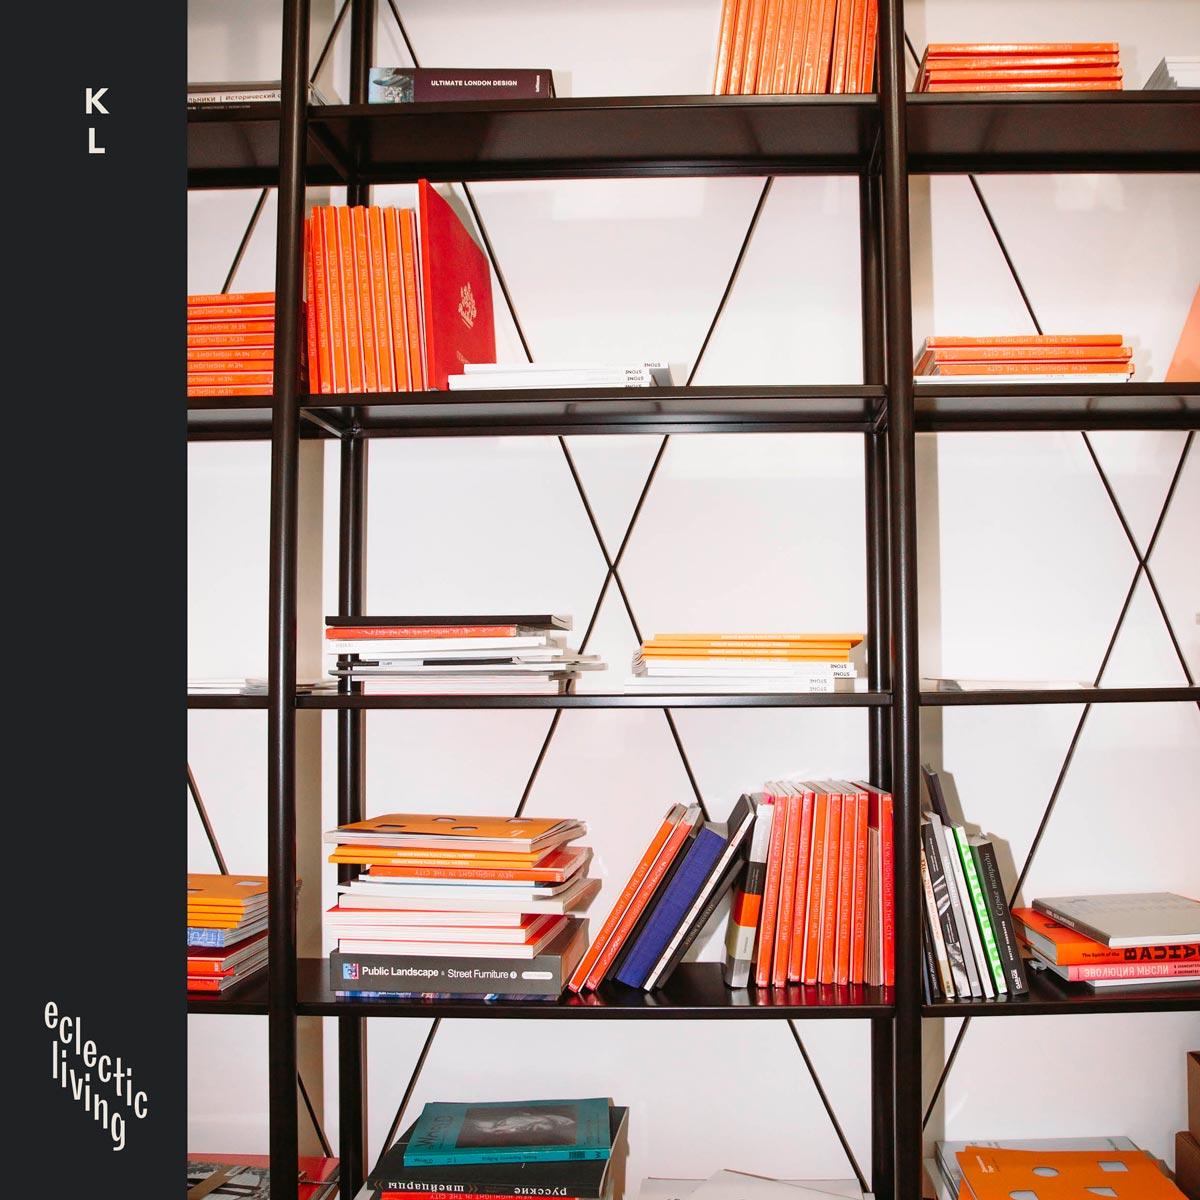 Kris Leuven Interior Designer Branding + Instagram Template